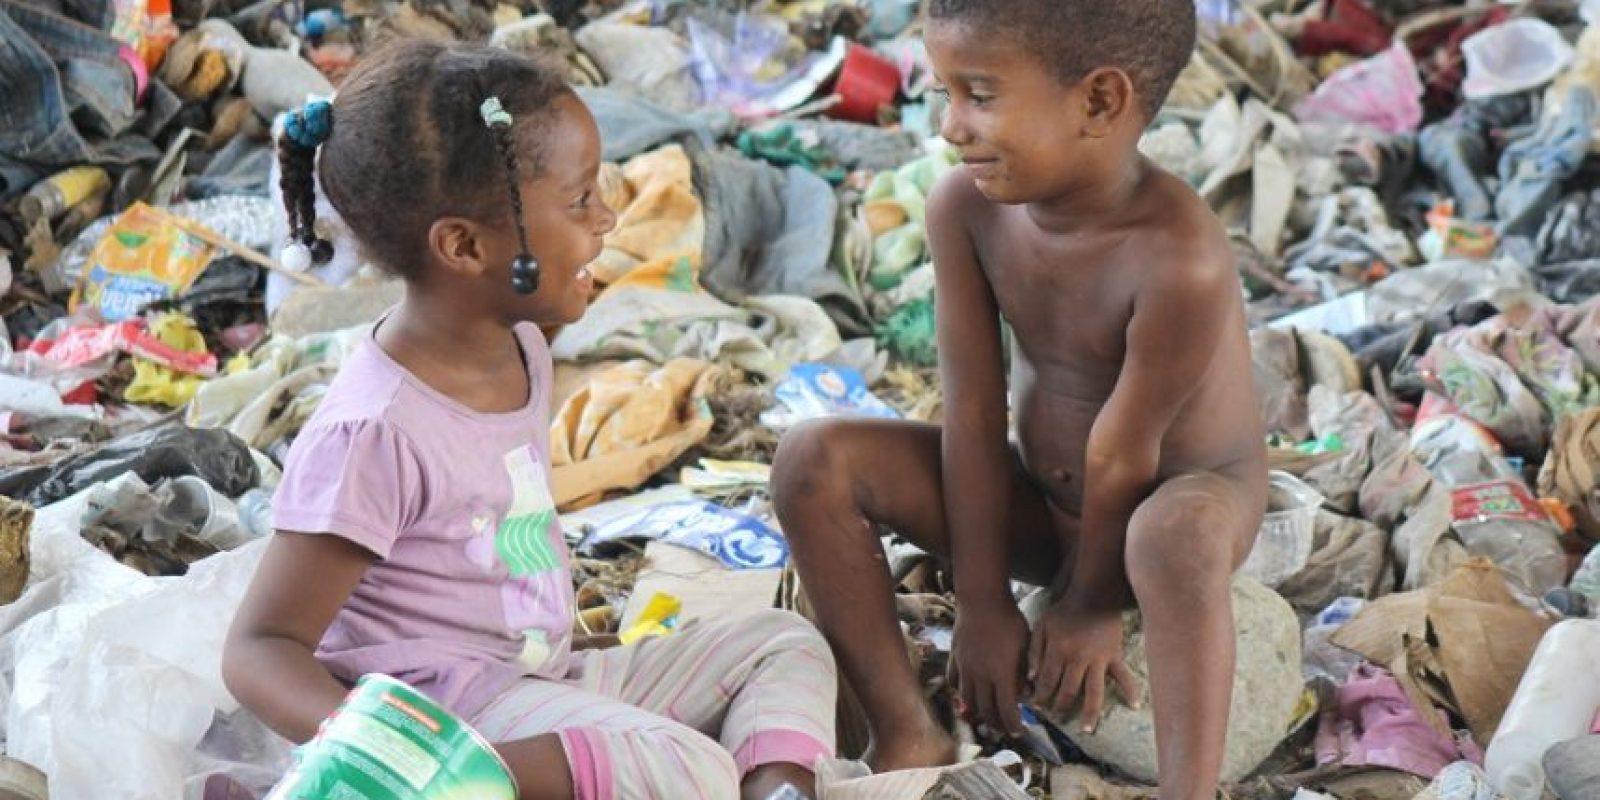 En las personas de escasos recursos es común la propagación de las enfermedades, sobre todo virales y por parásitos. Foto:Olga Almánzar